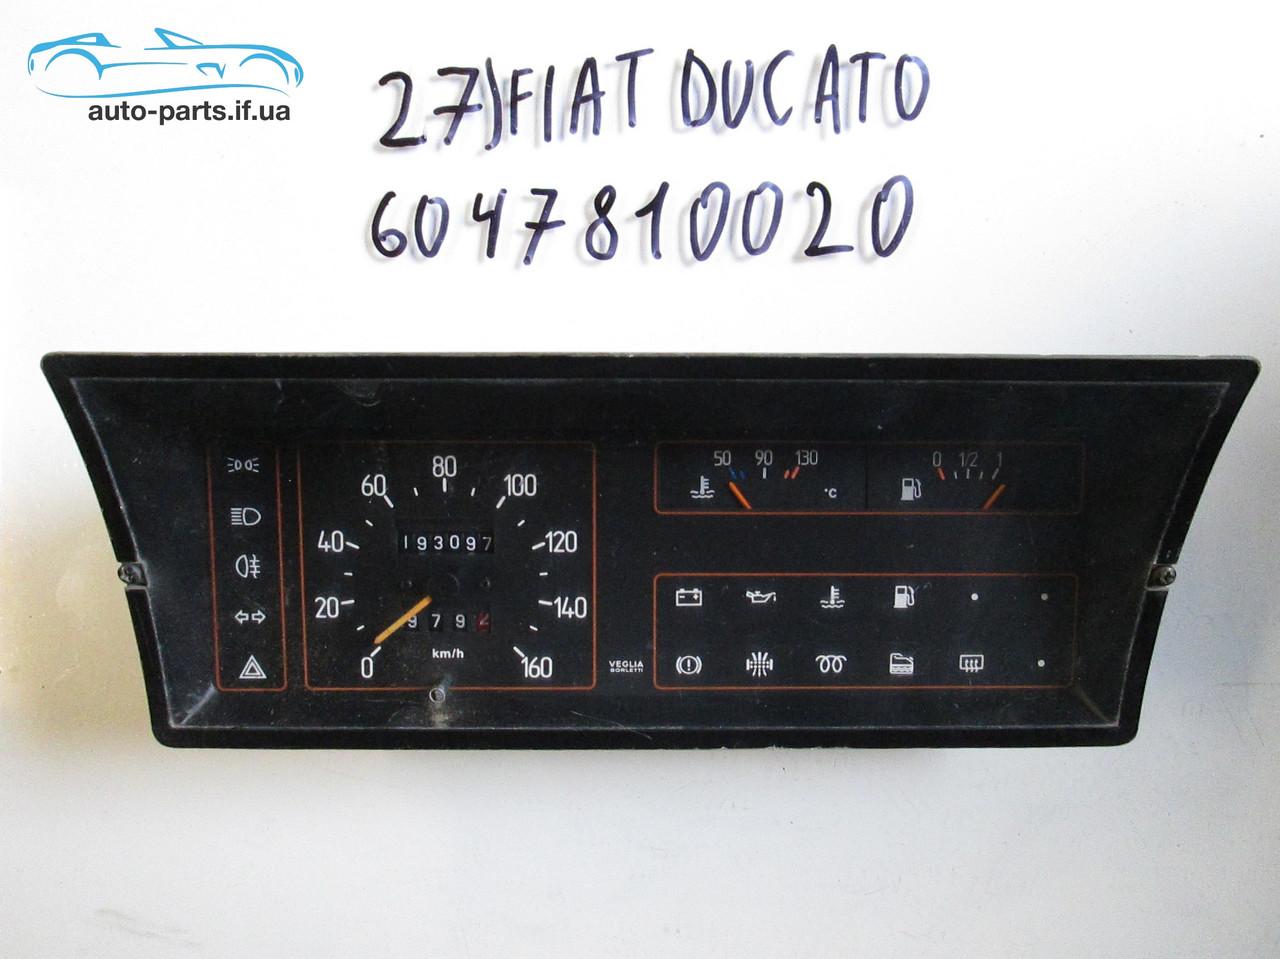 Панель приборов Fiat Ducato №27, 6047810020